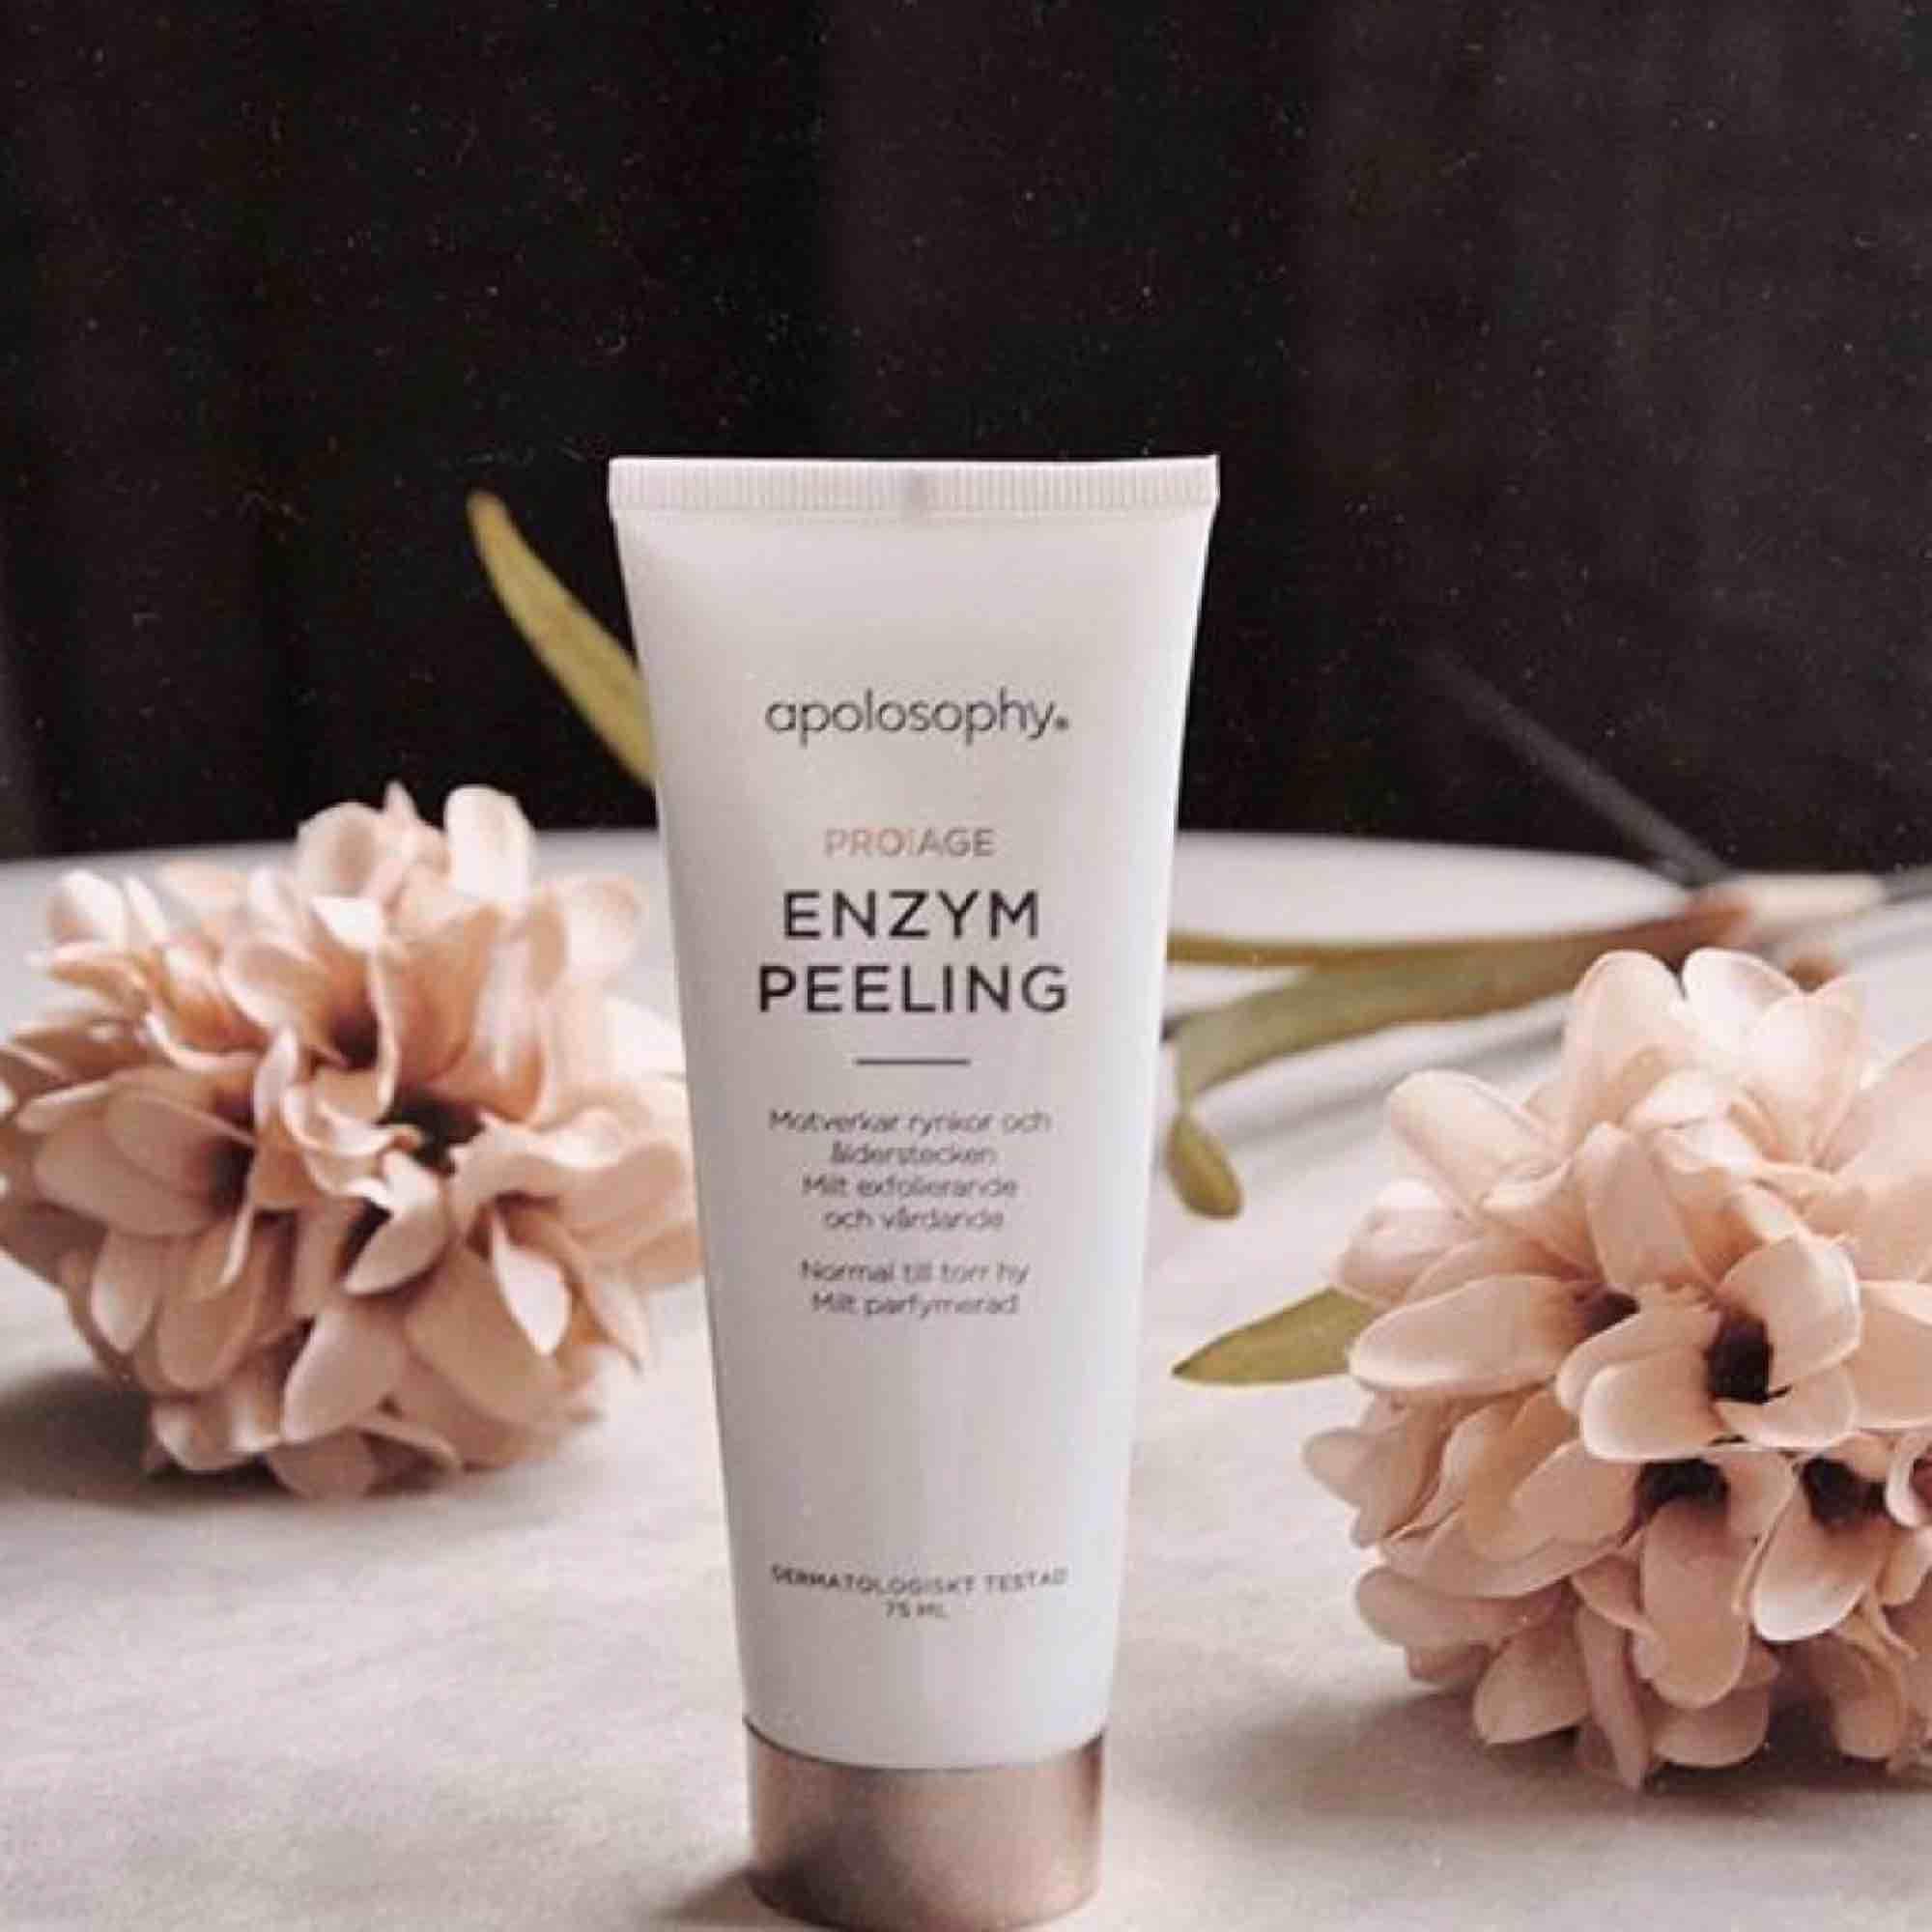 En super bra enzym peeling för den som vill rengöra huden på djupet, motverkar rynkor. Används 1-2 ggr i veckan.  Har använt den ca 2 ggr där av priset Frakt 18kr . Övrigt.